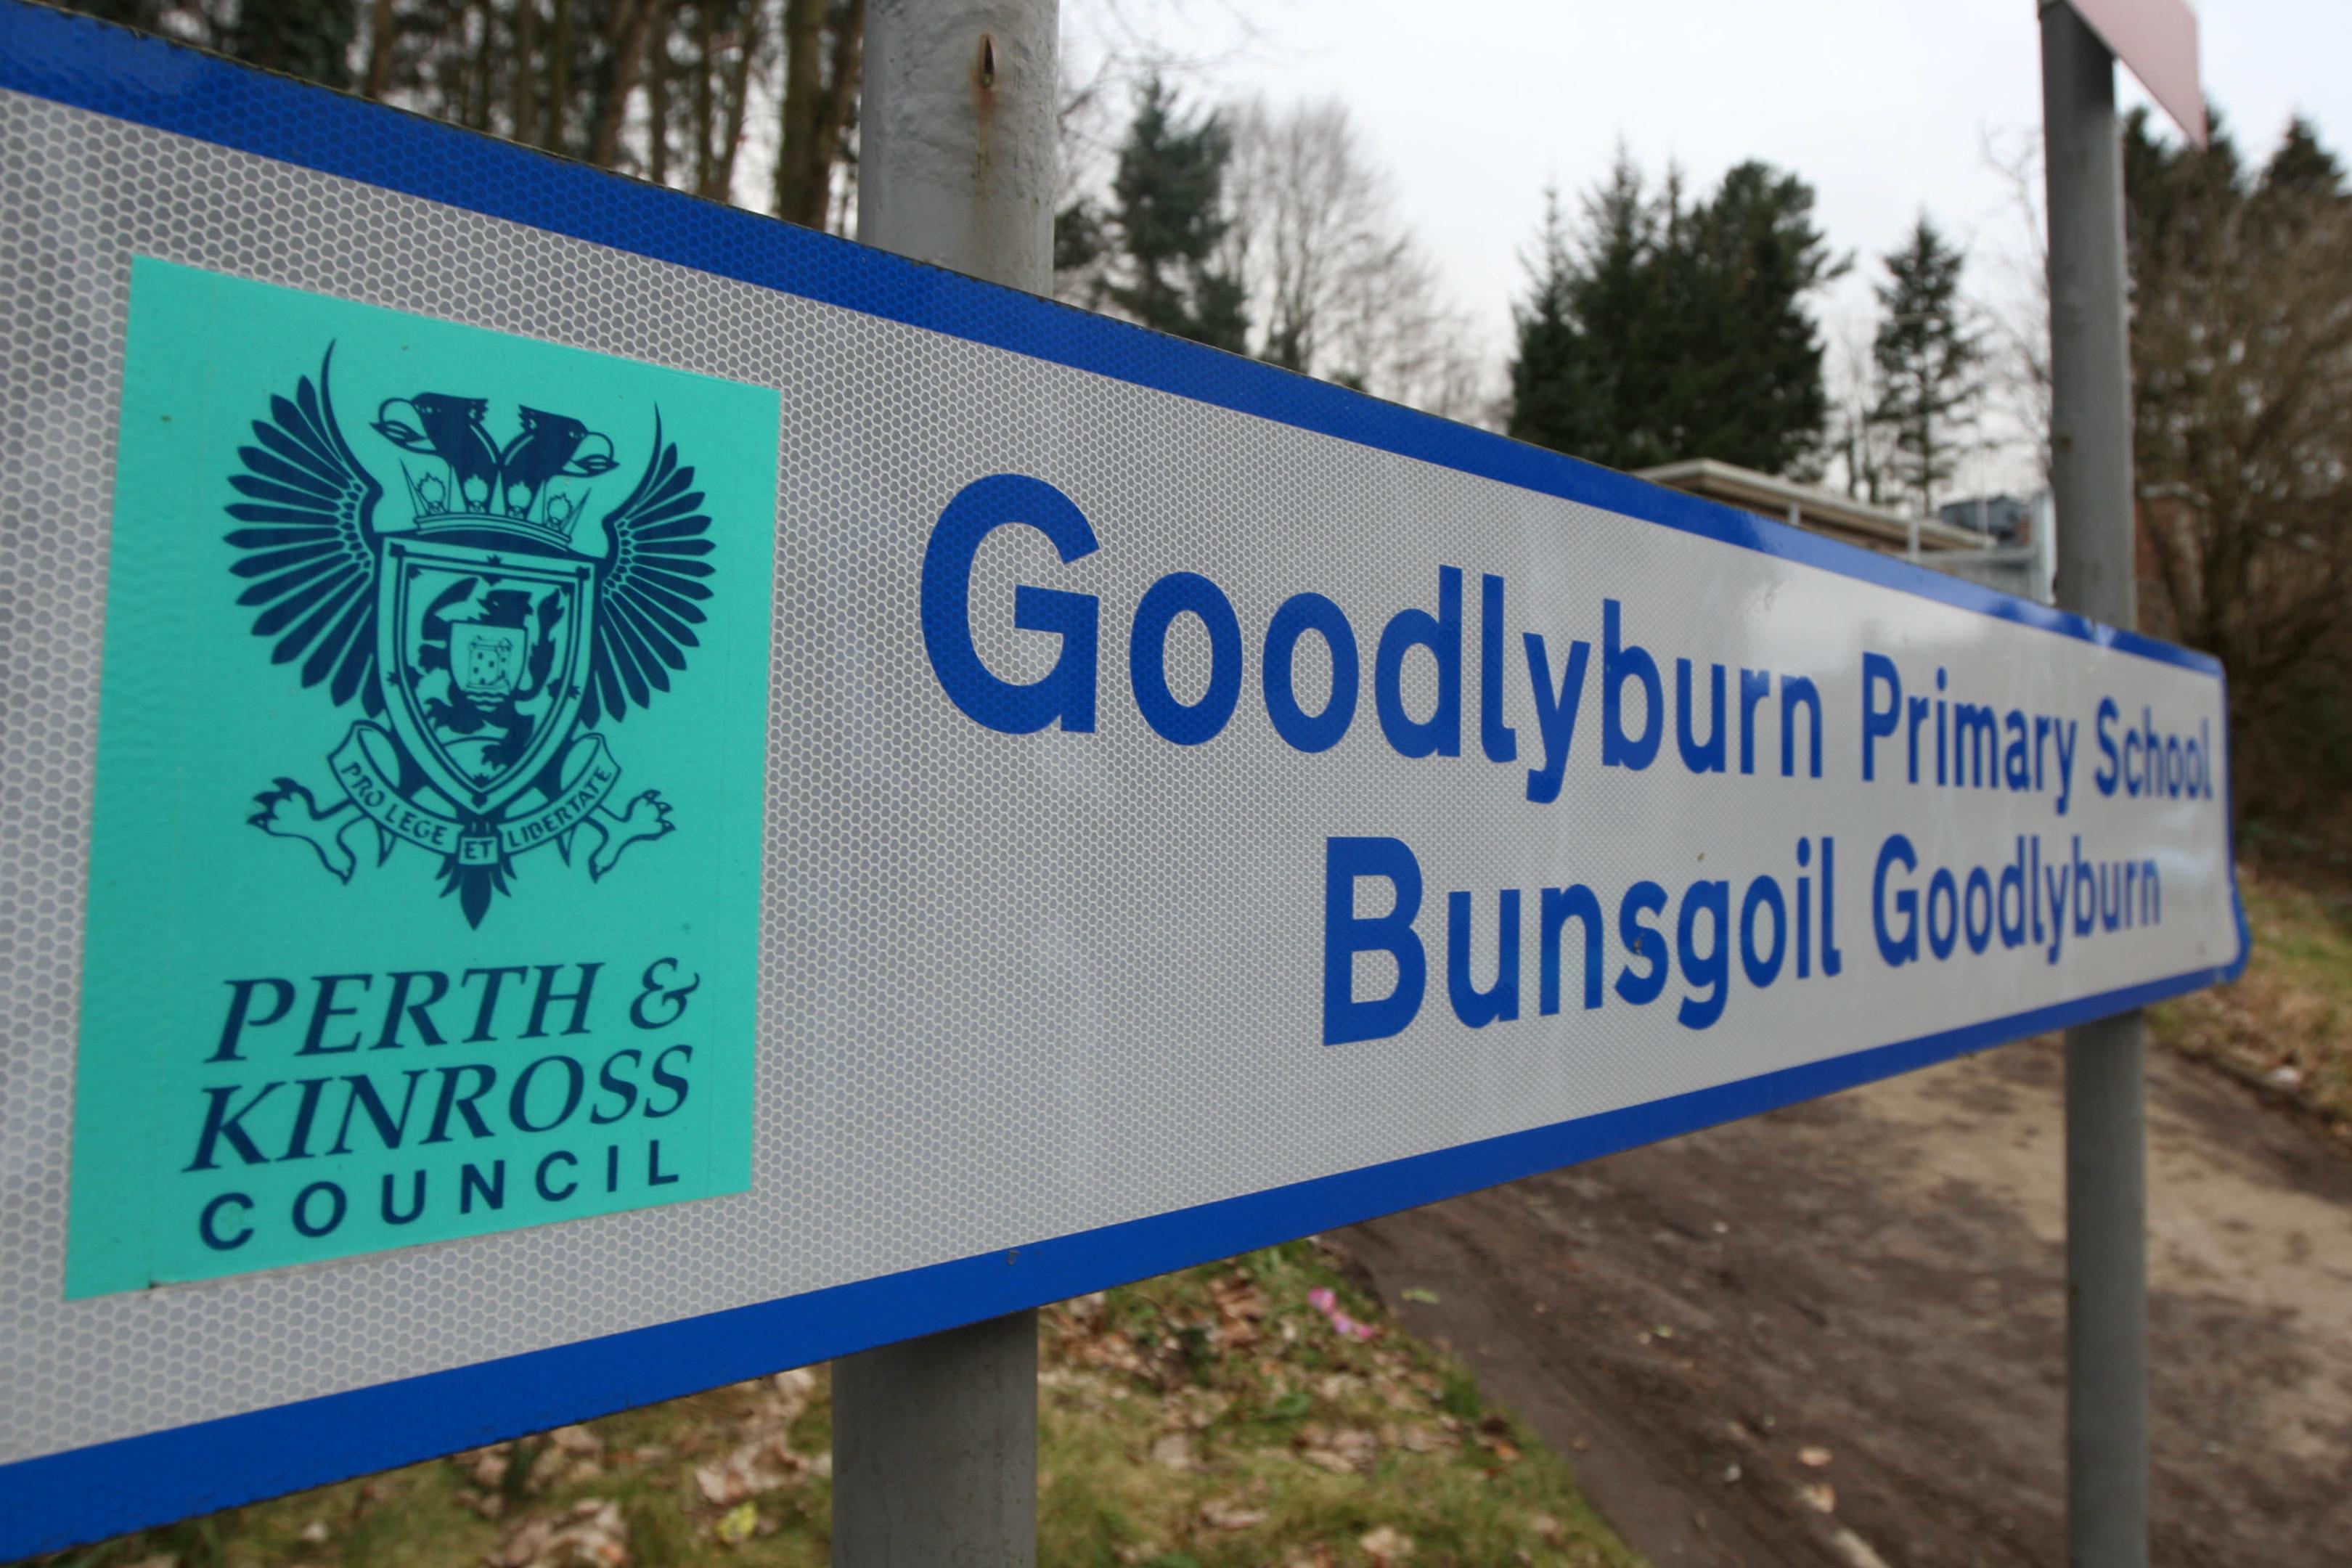 Goodlyburn Primary School.